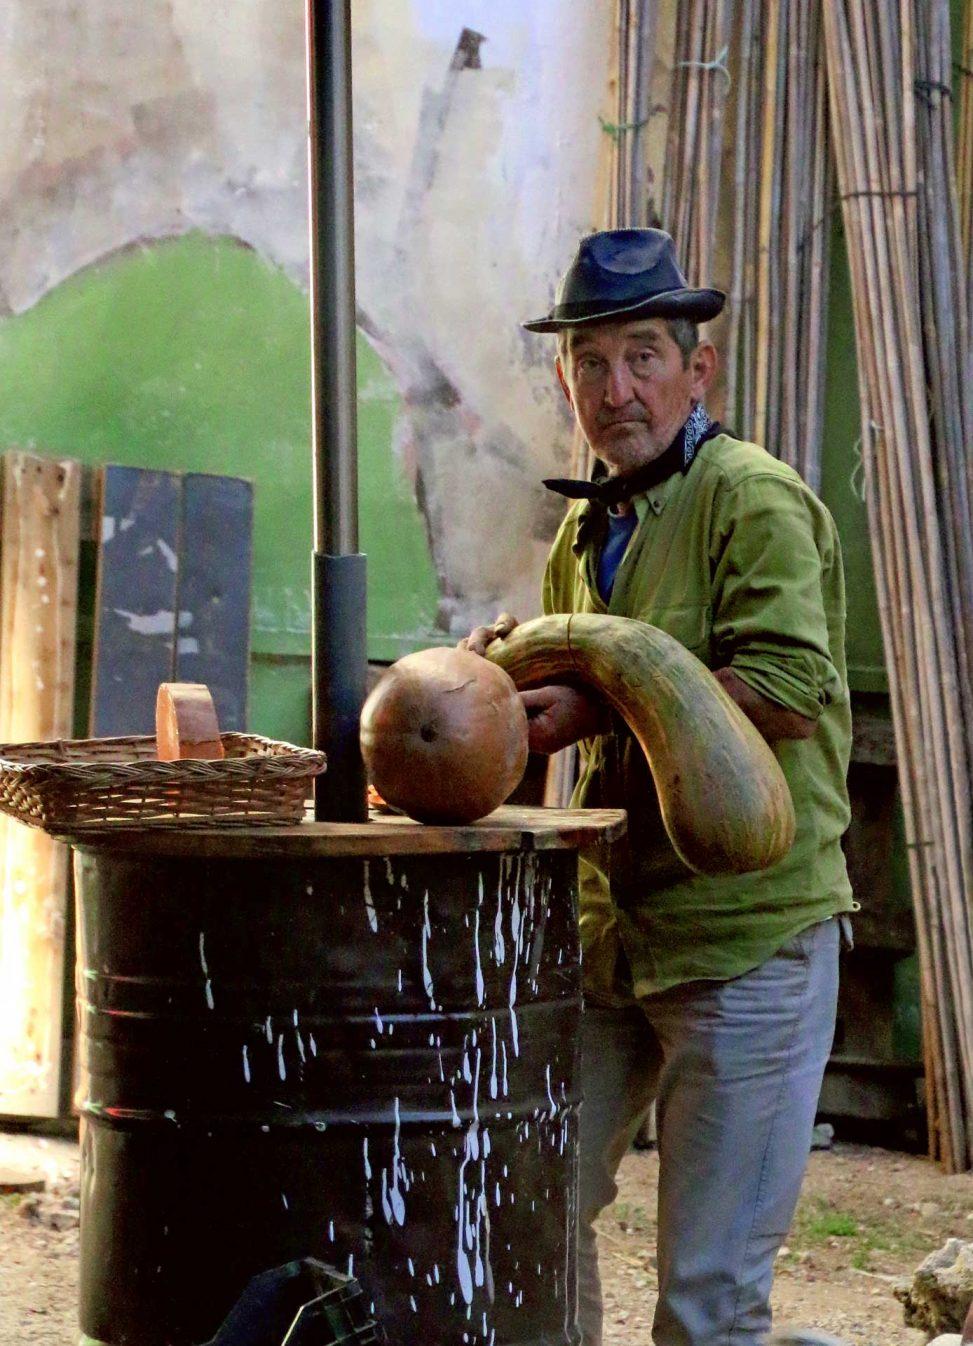 Madrid Urban Farmer